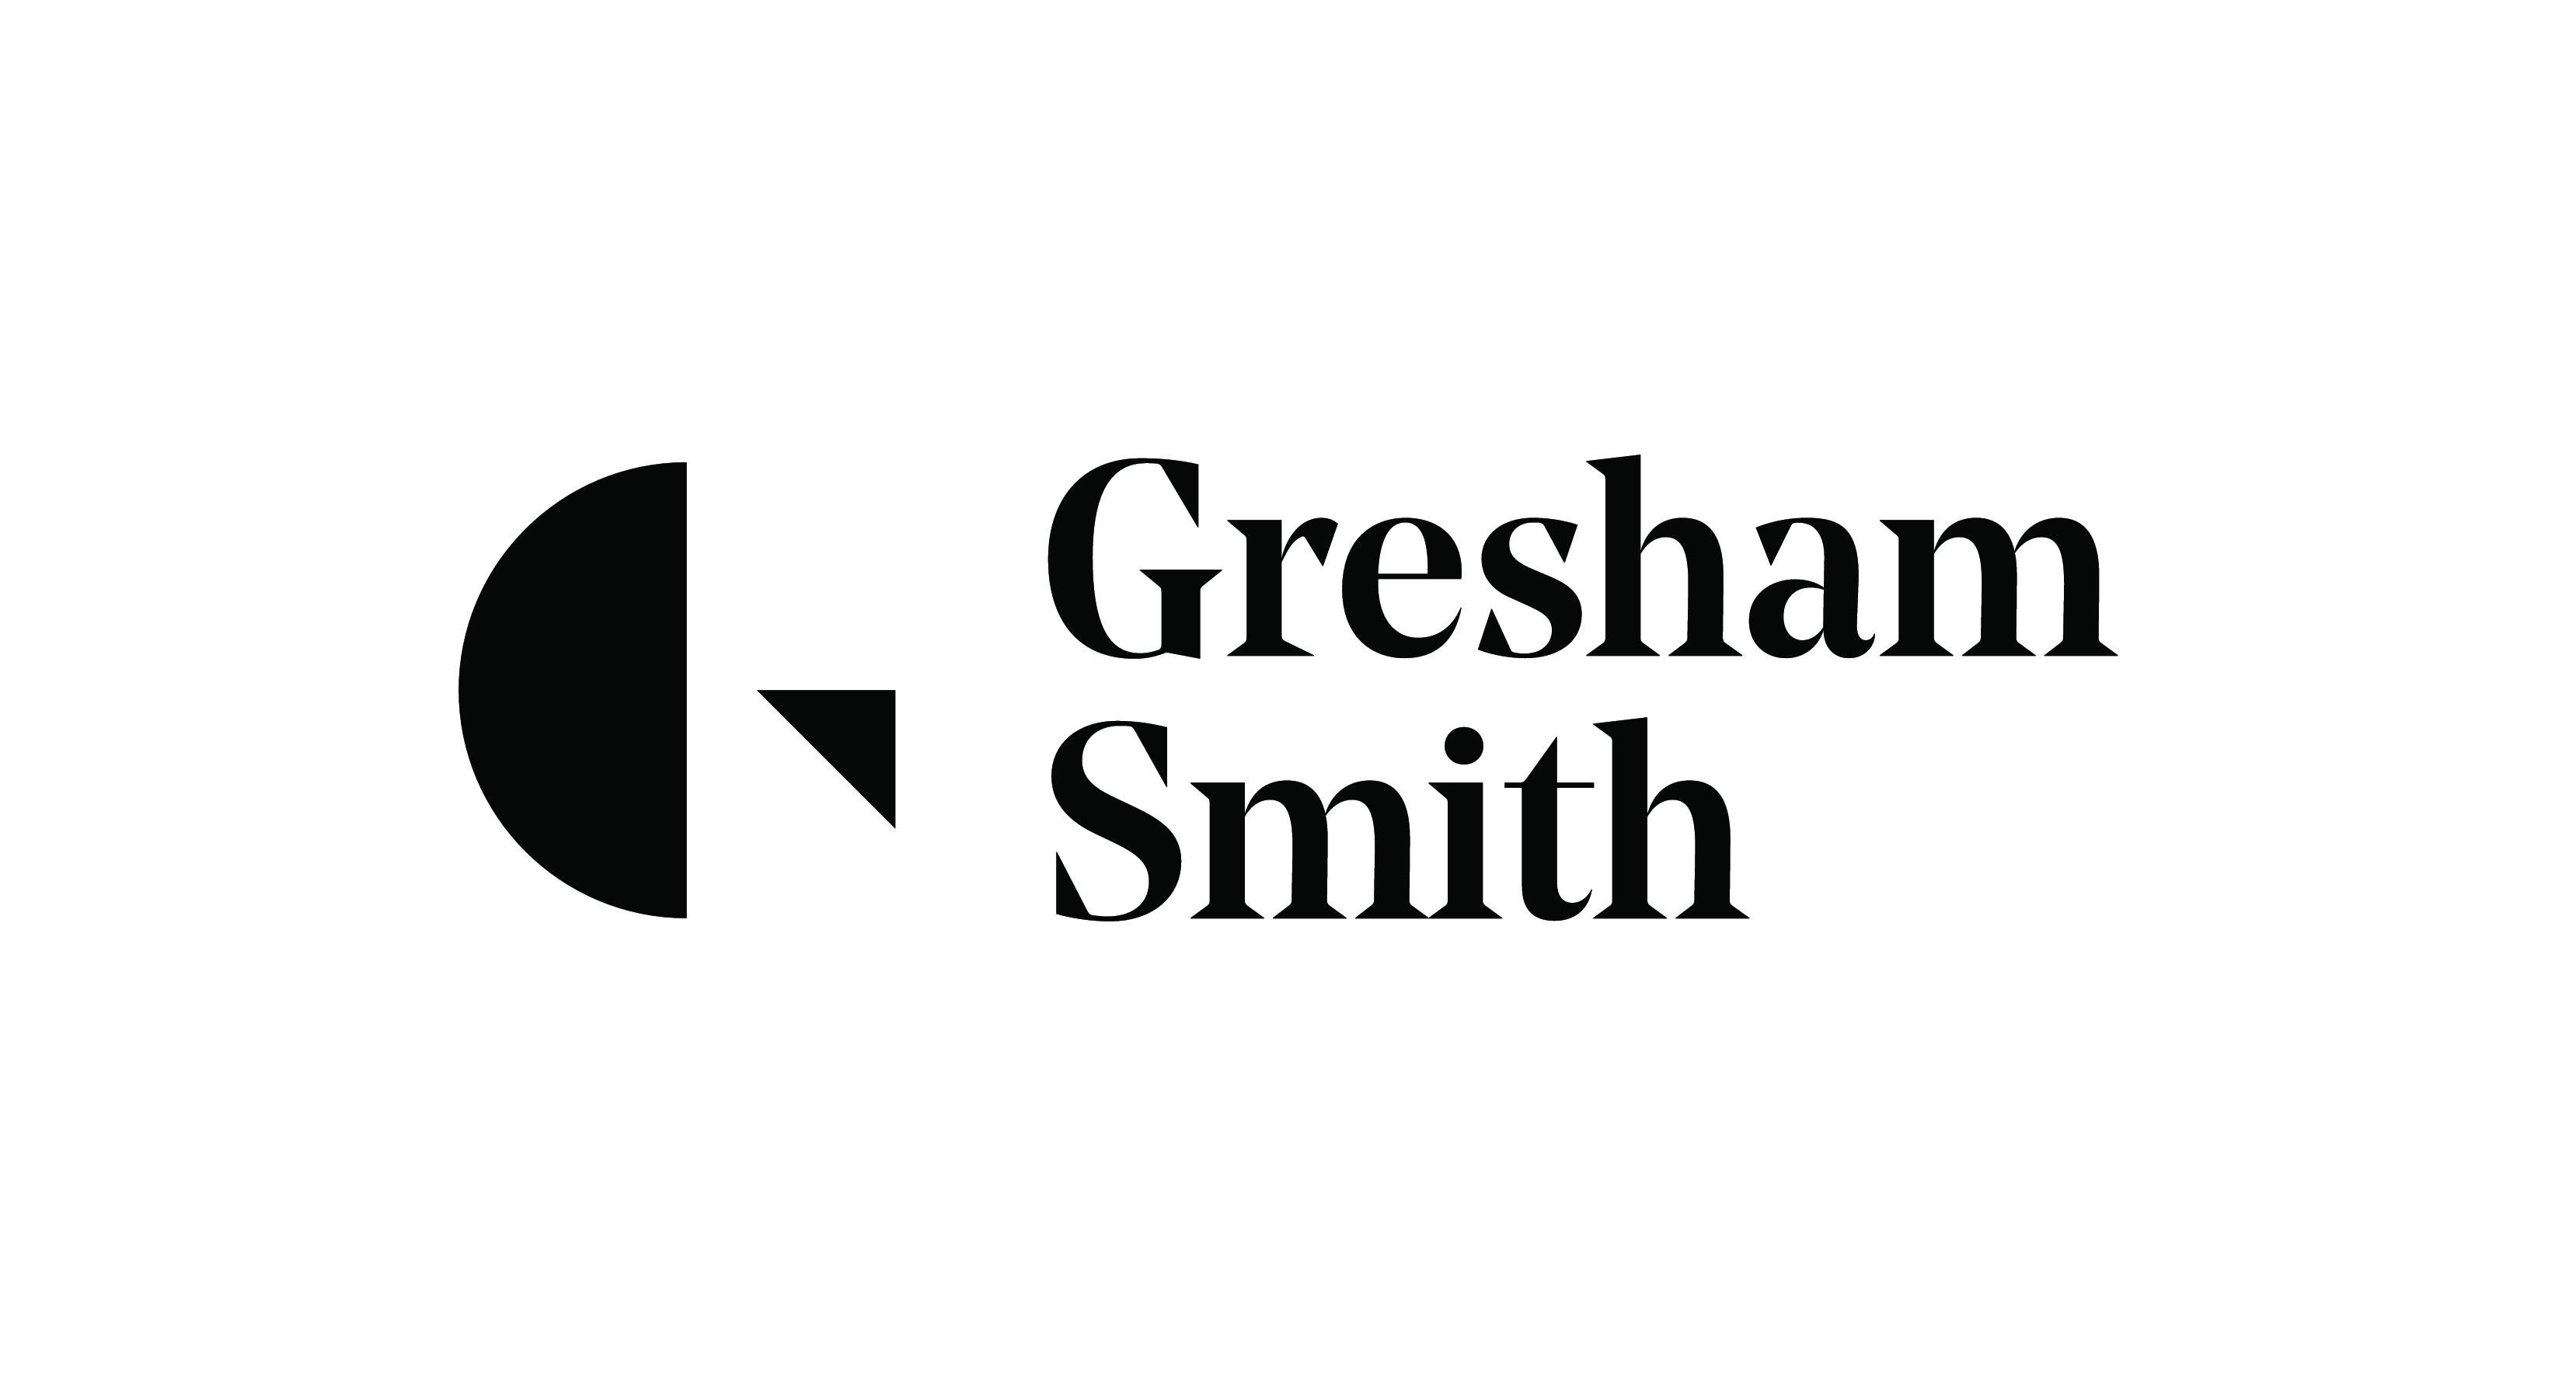 Gresham Smith